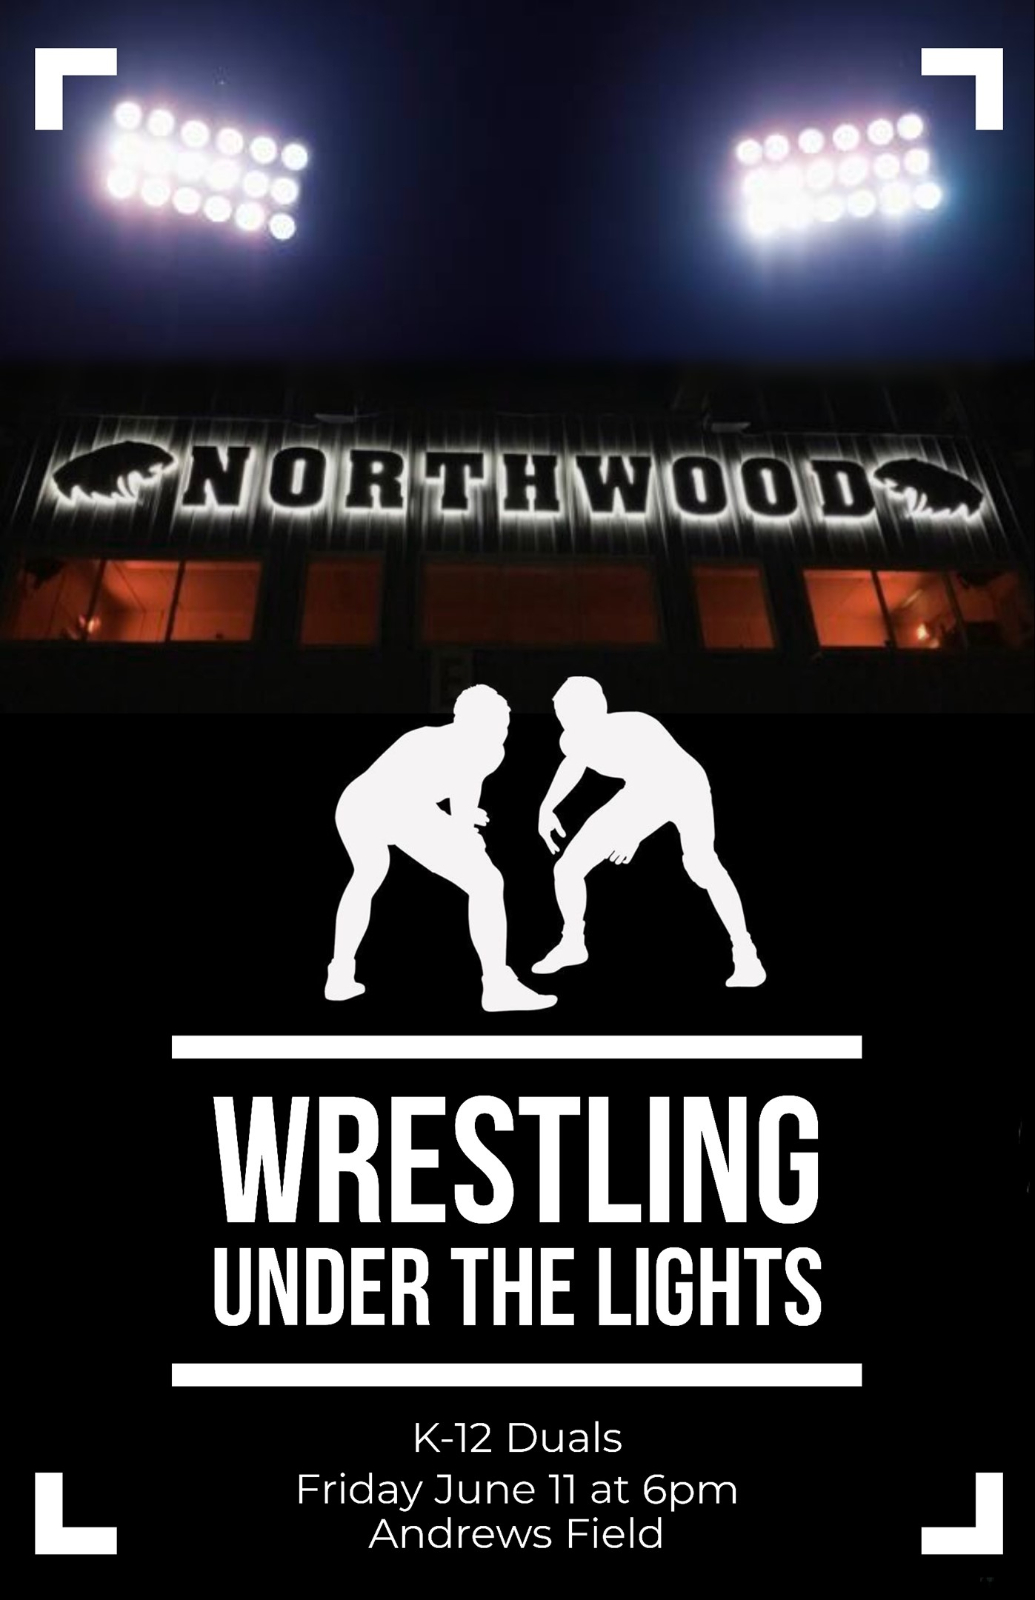 NorthWood Wrestling Under the Lights!